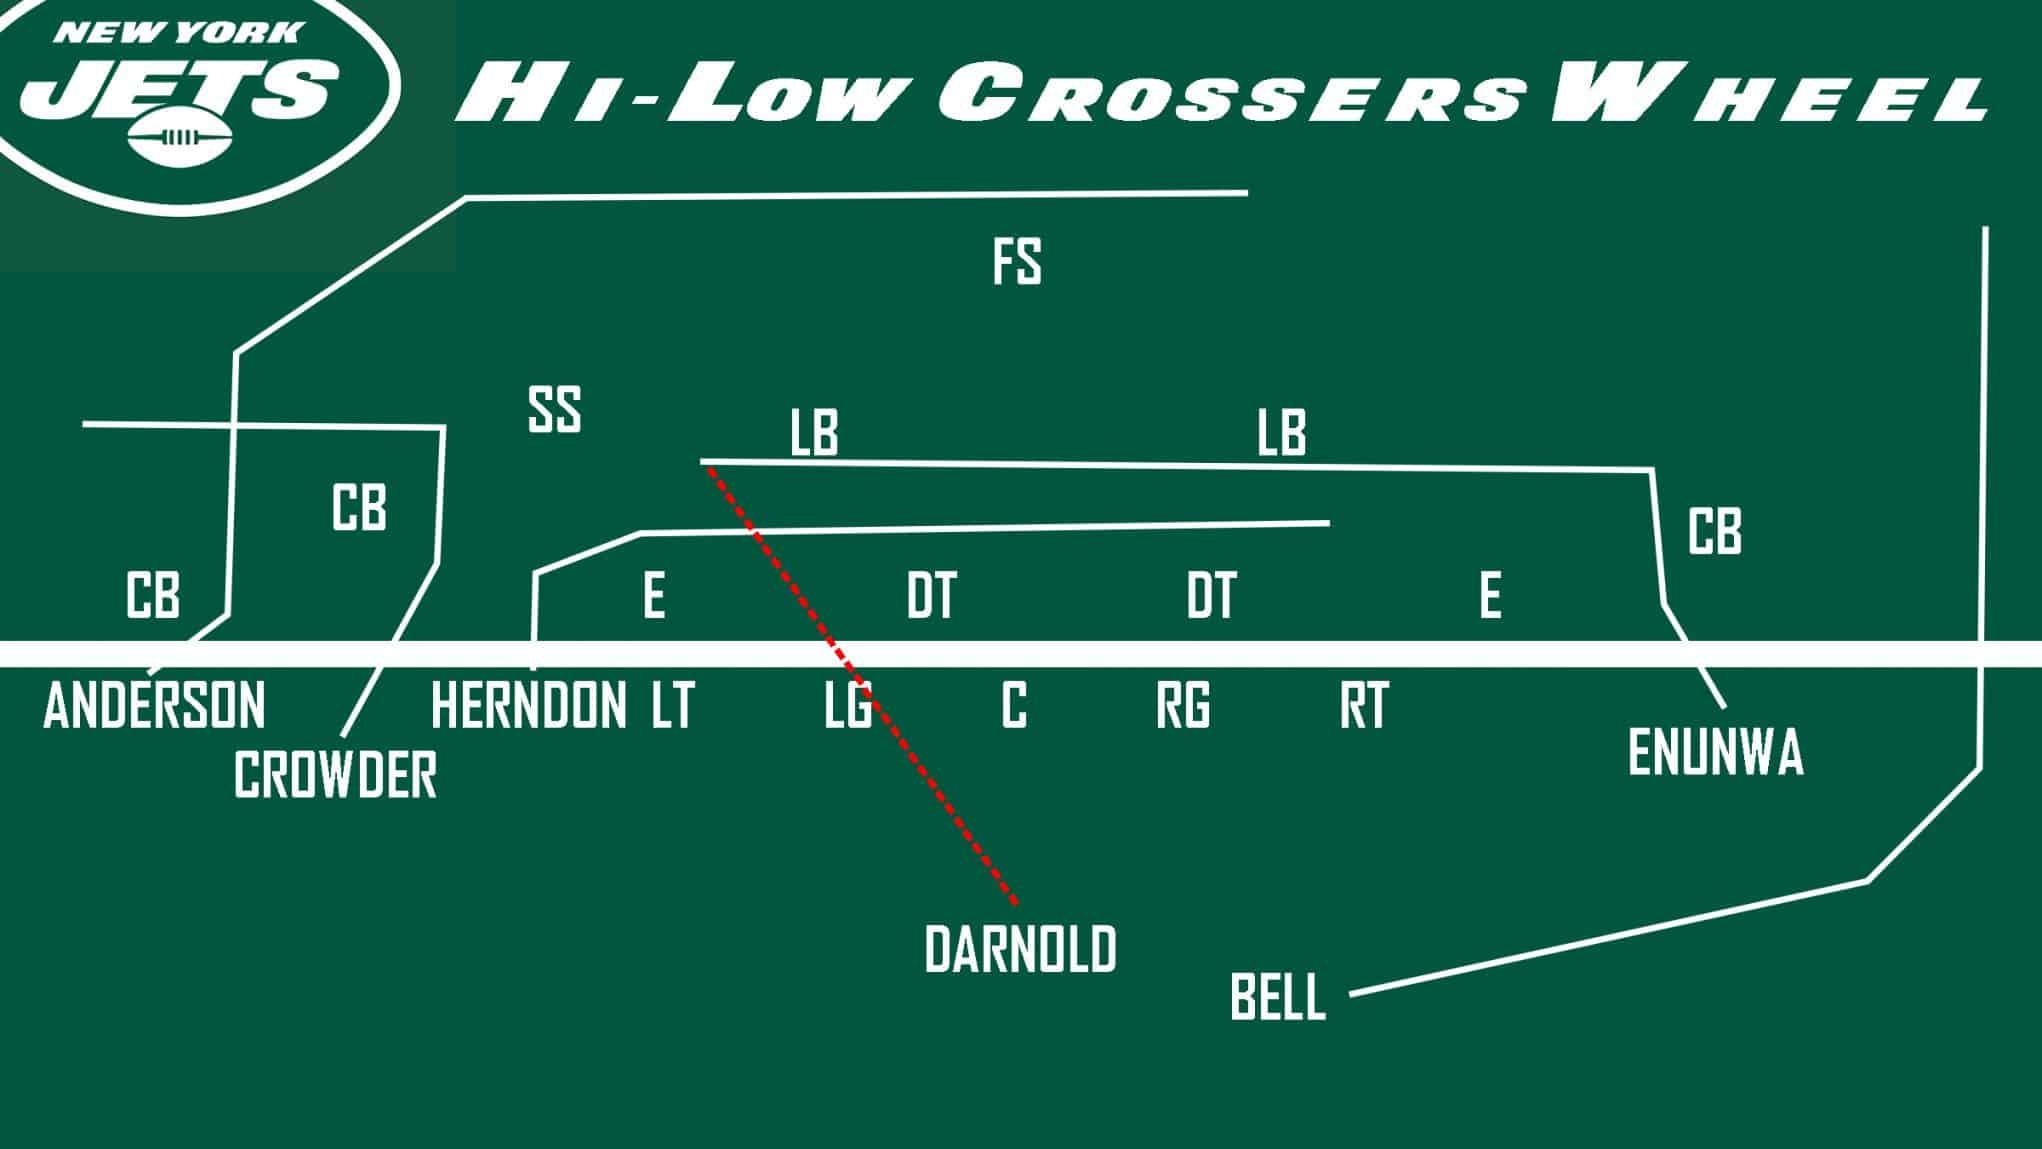 Jets Hi-Low Crossers Wheel